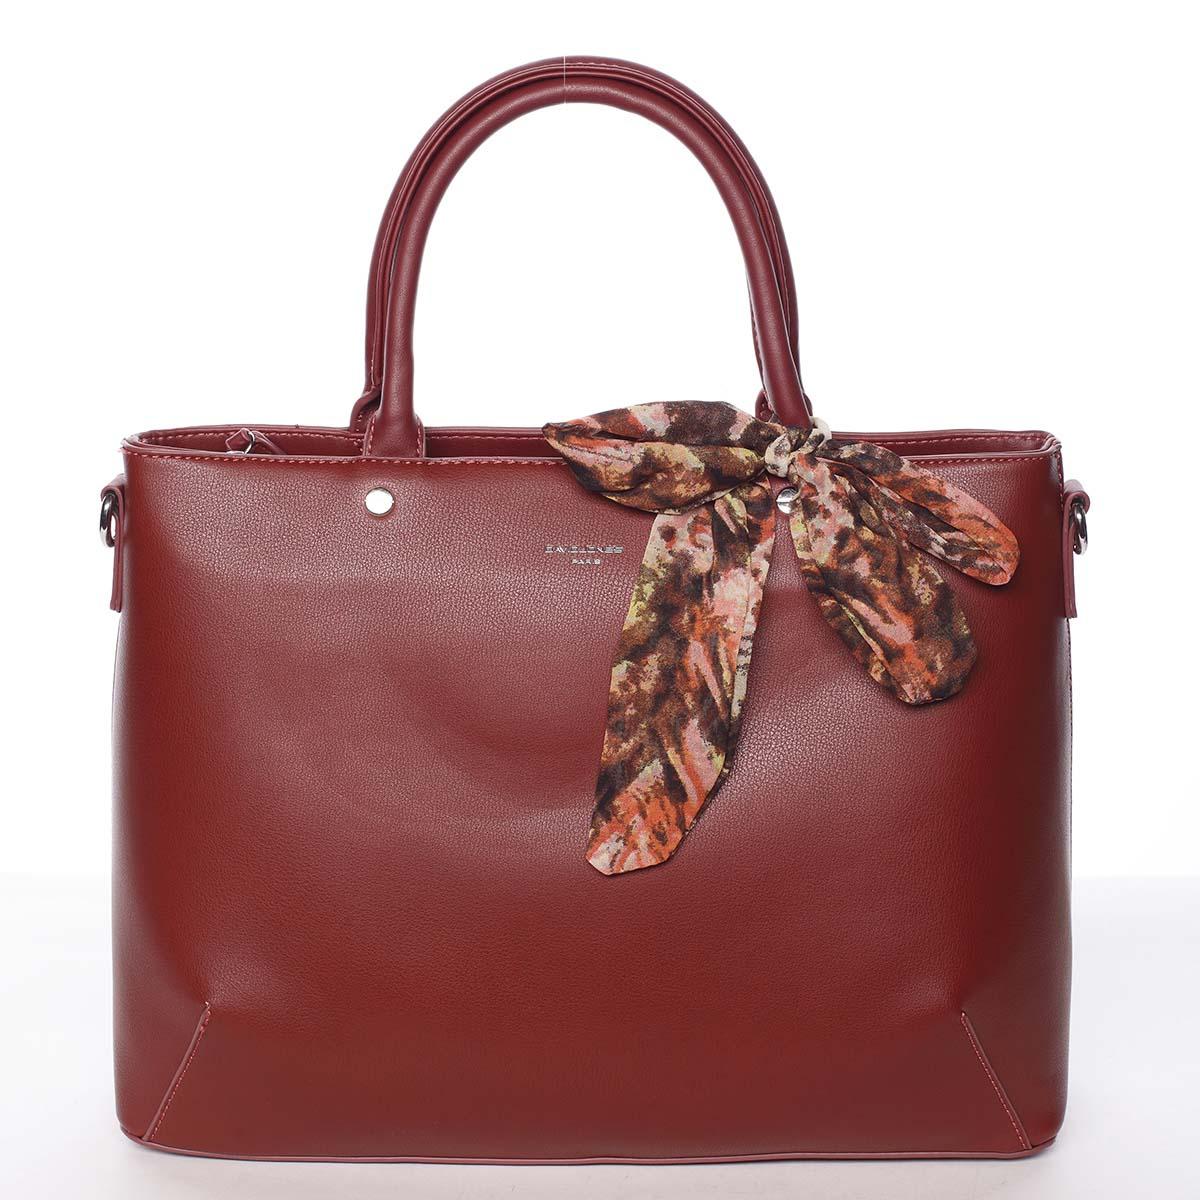 Módní dámská tmavě červená kabelka s mašlí - David Jones Harriet